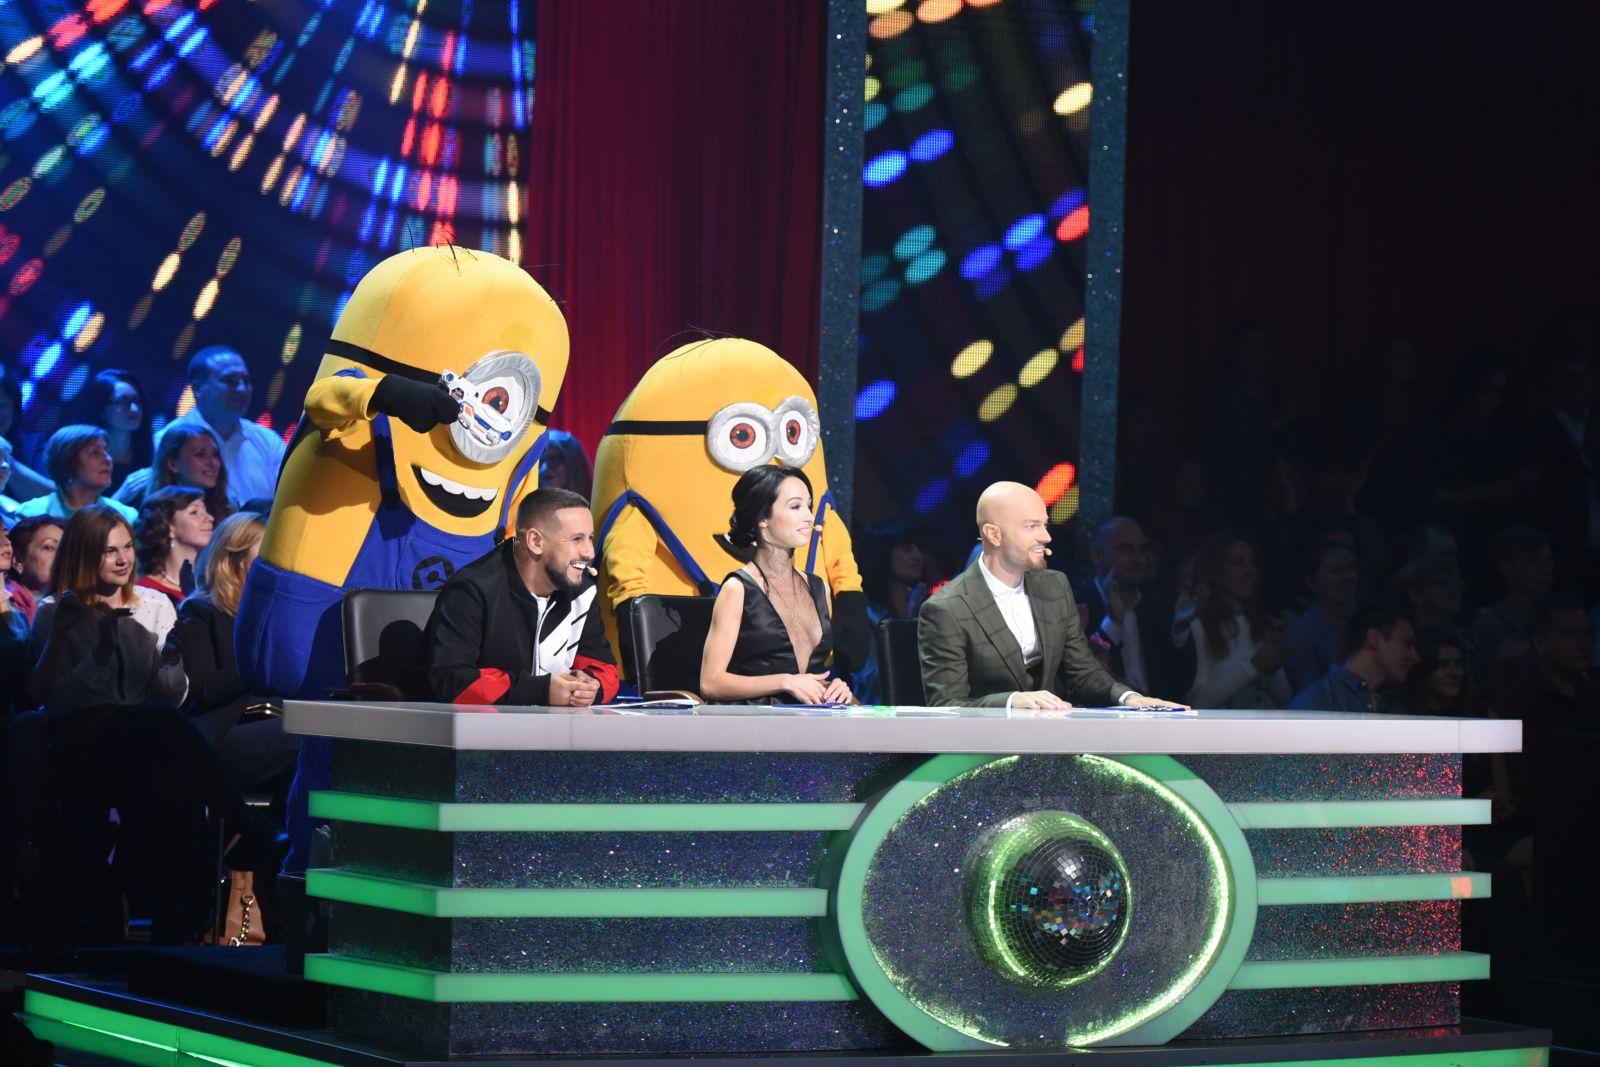 Элегантно и соблазнительно: в сети обсуждают наряд судьи шоу